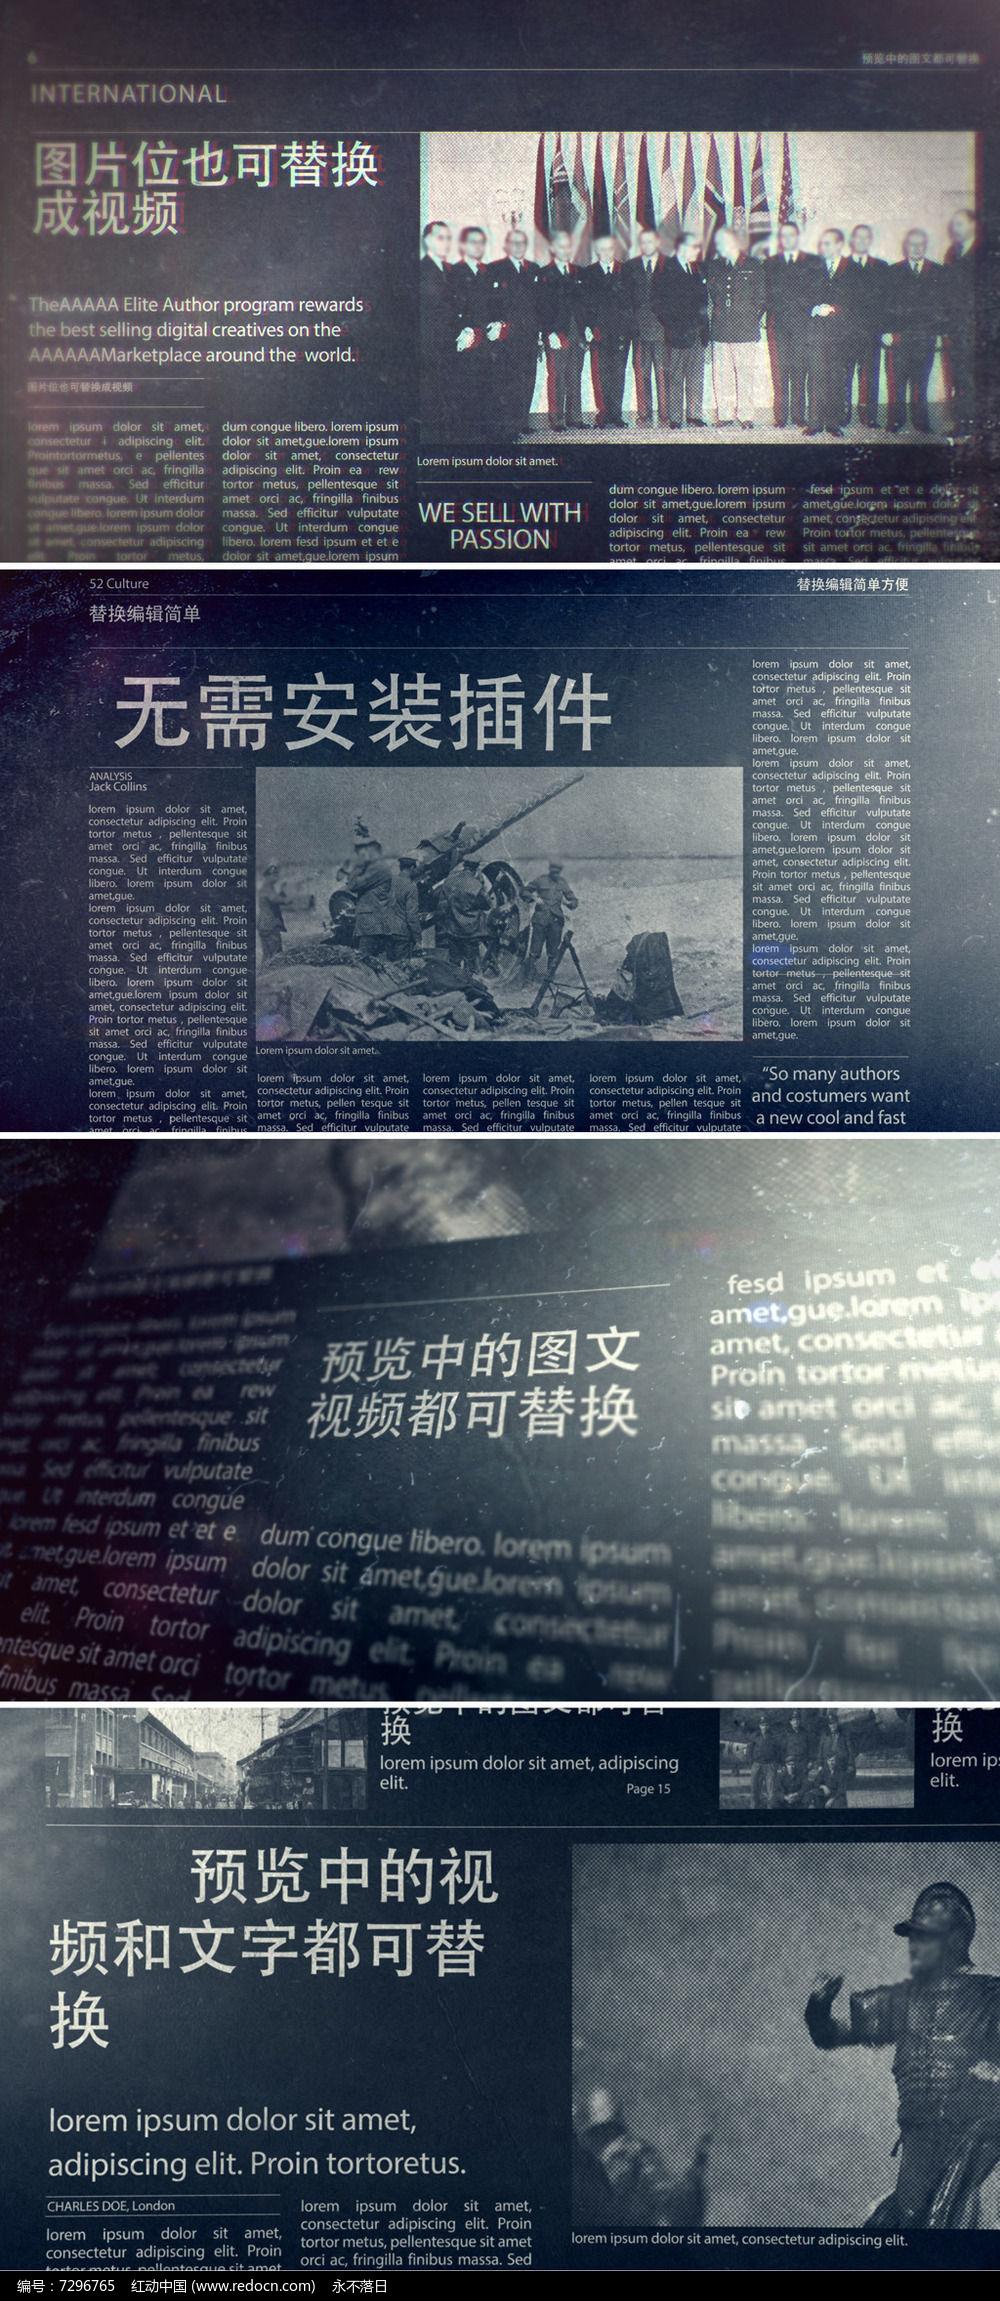 ae历史重大事件回顾新闻头条模版图片